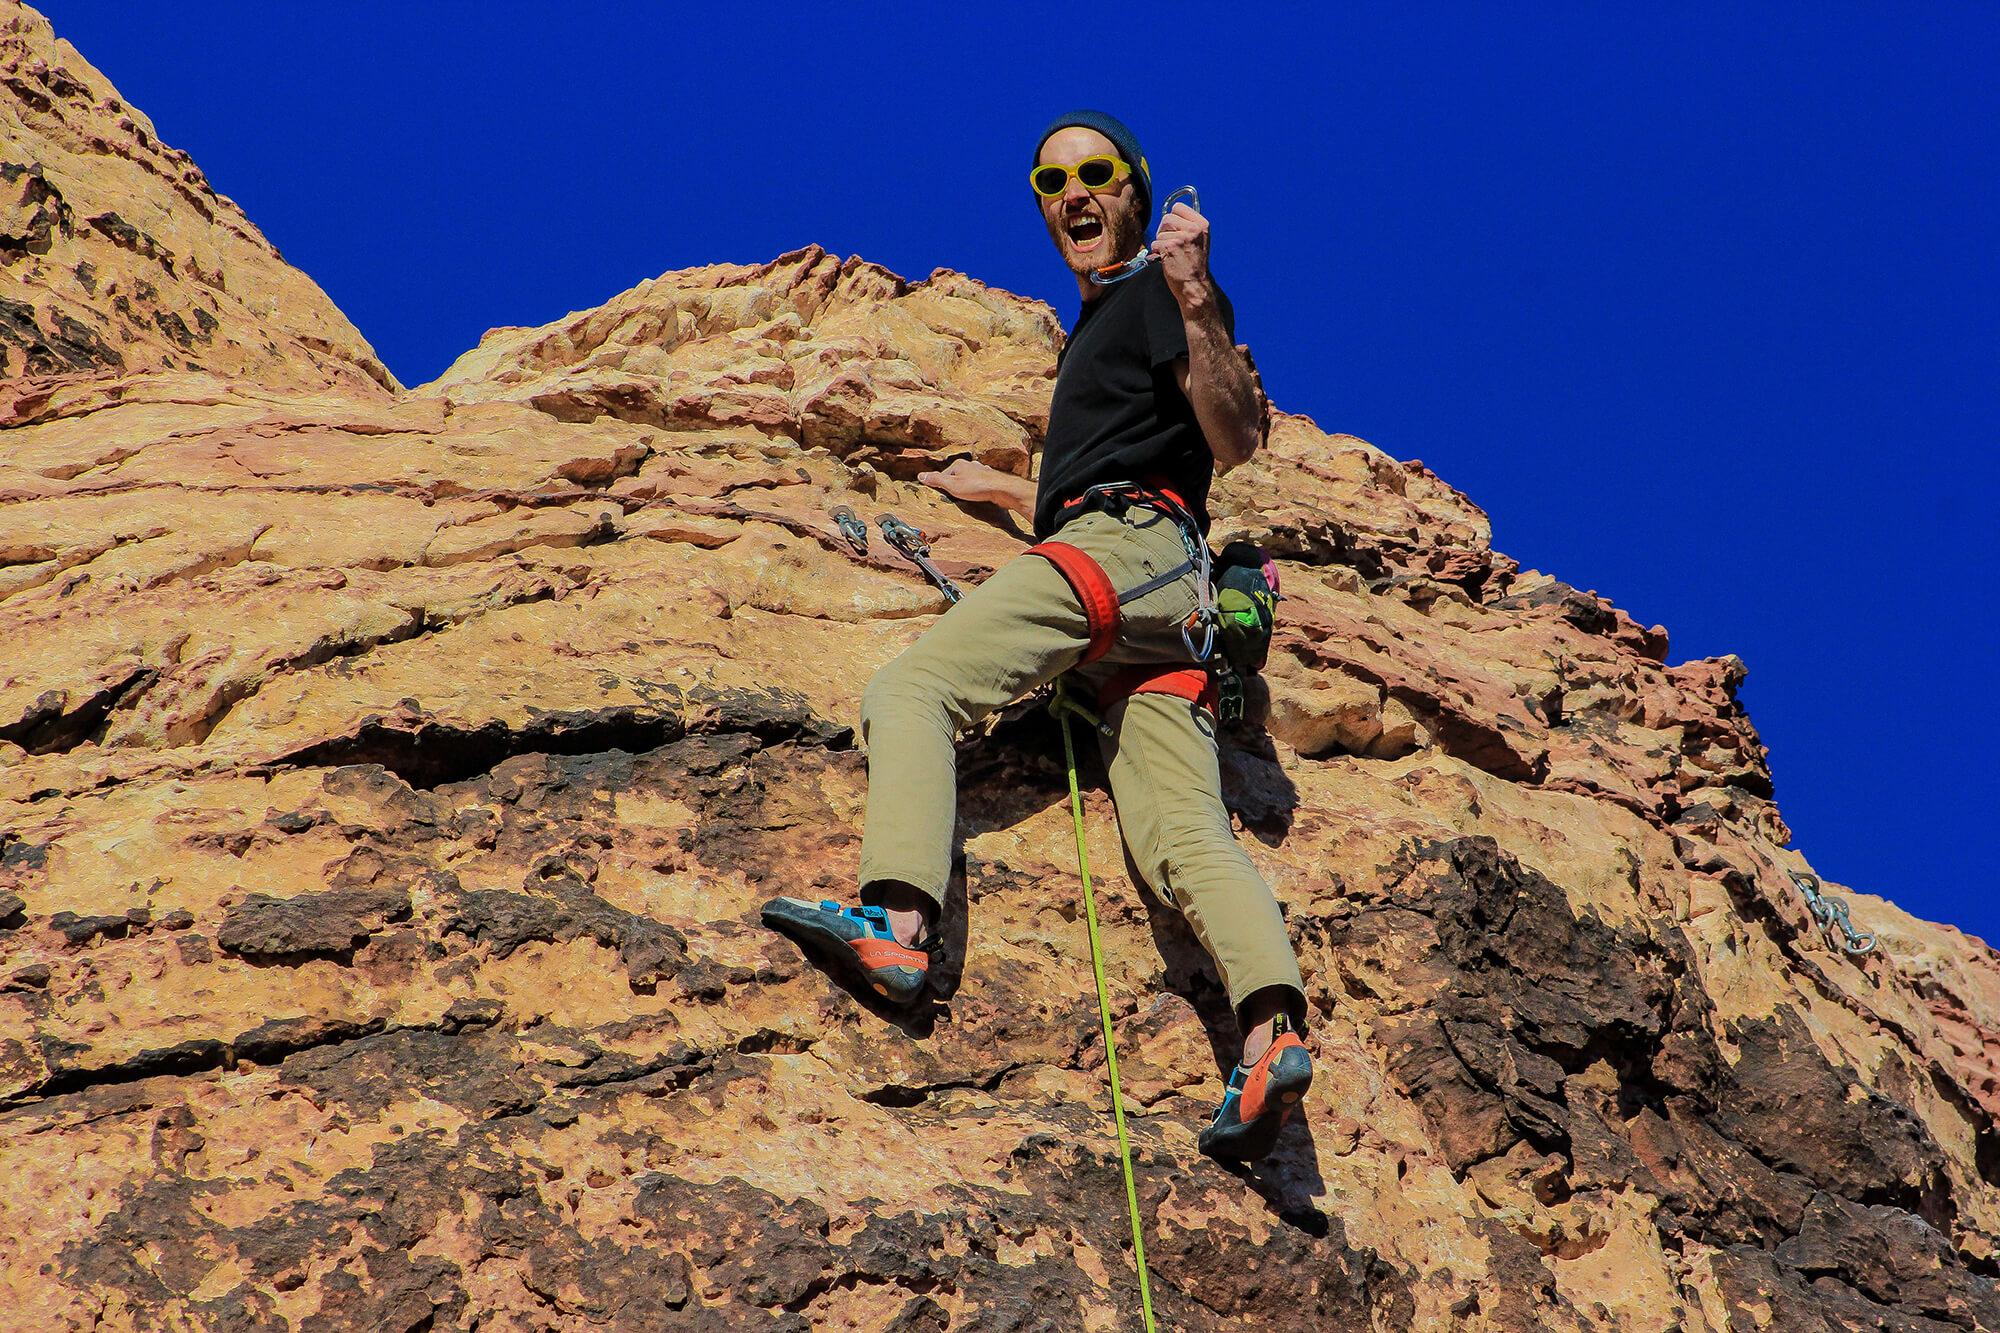 Dave Climbs Hard